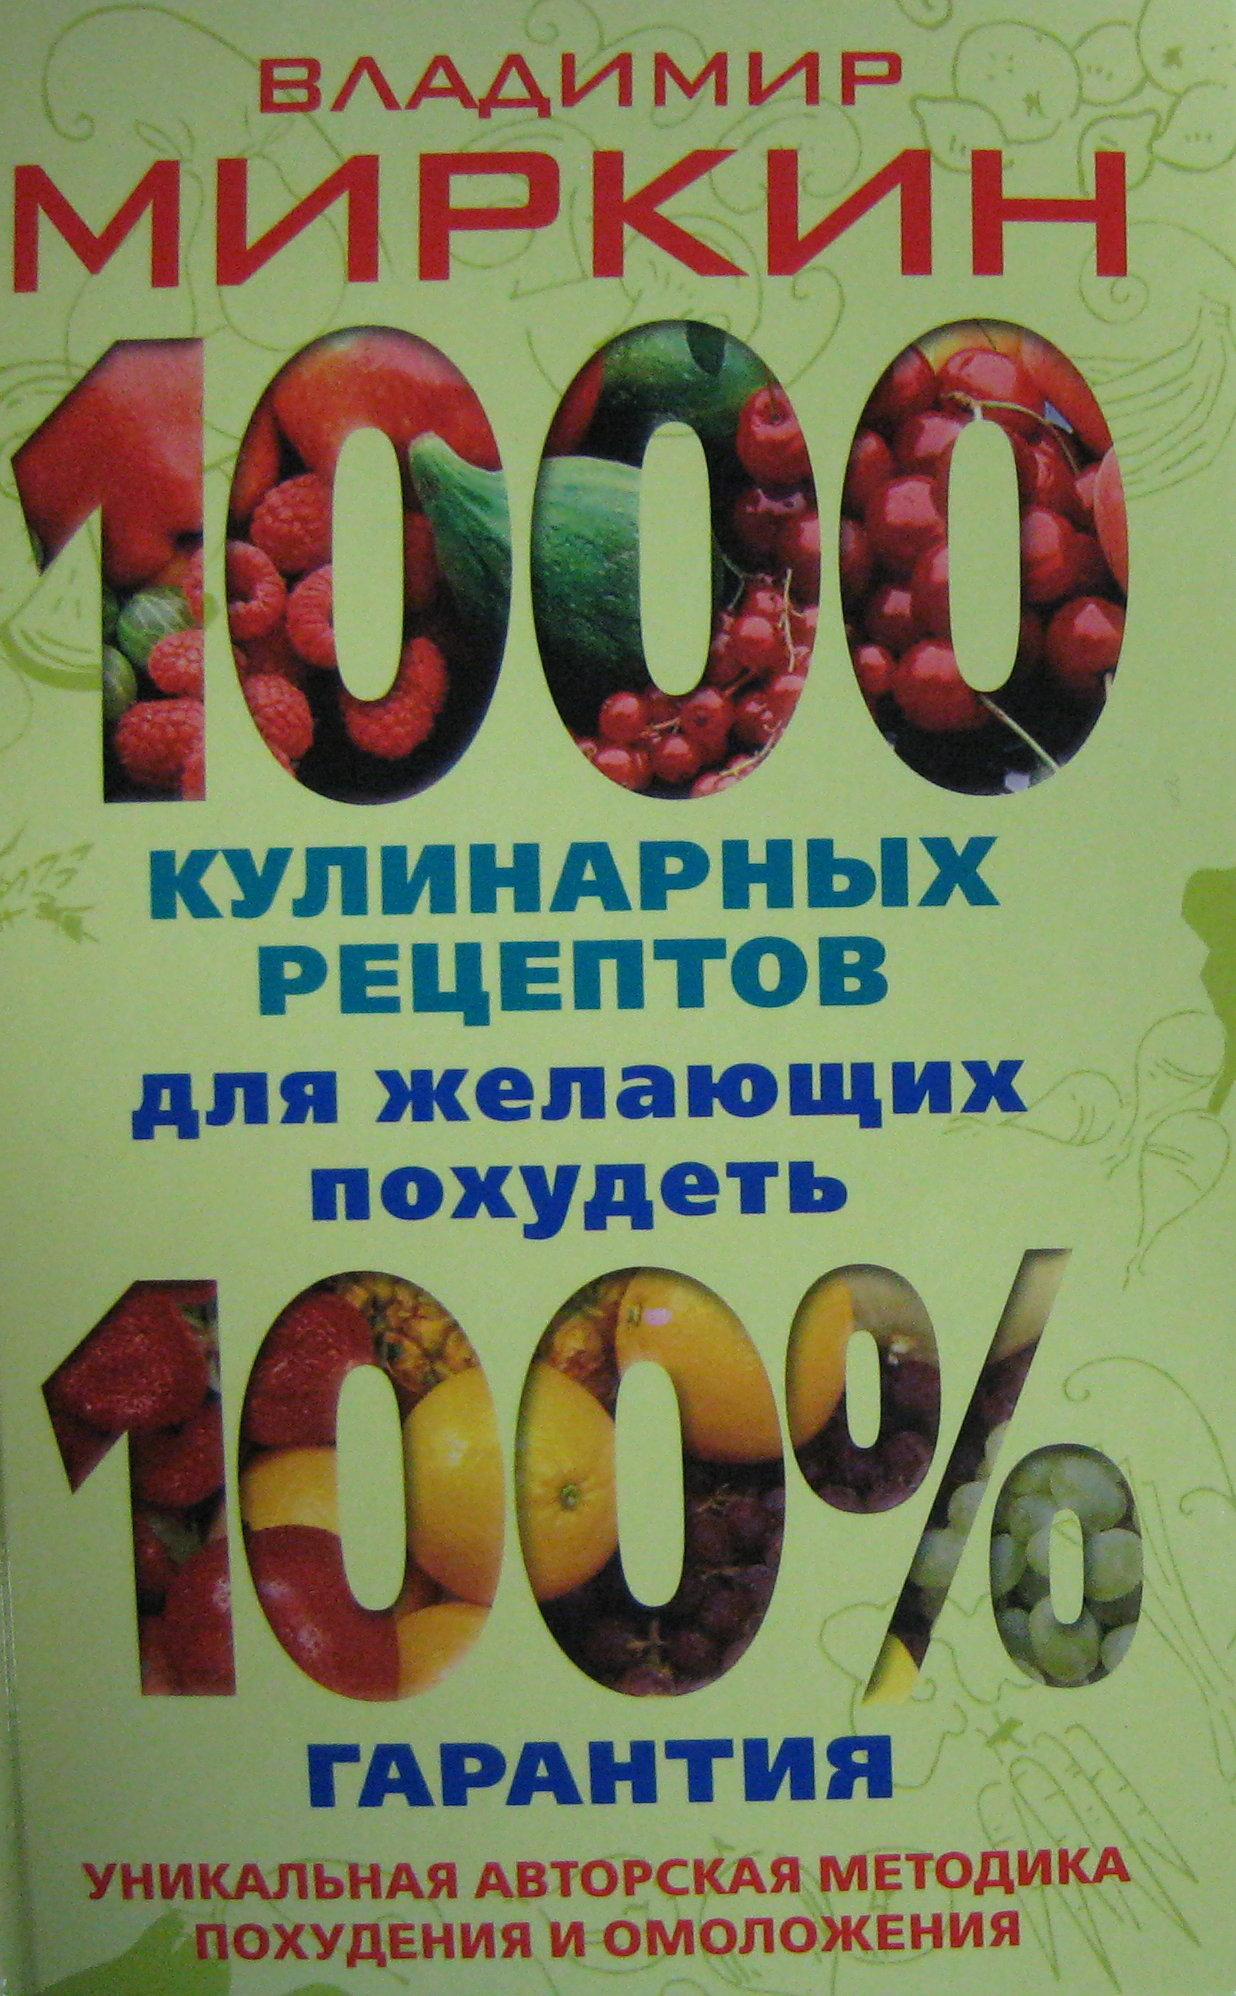 1000 кулинарных рецептов для желающих похудеть. 100 % гарантия